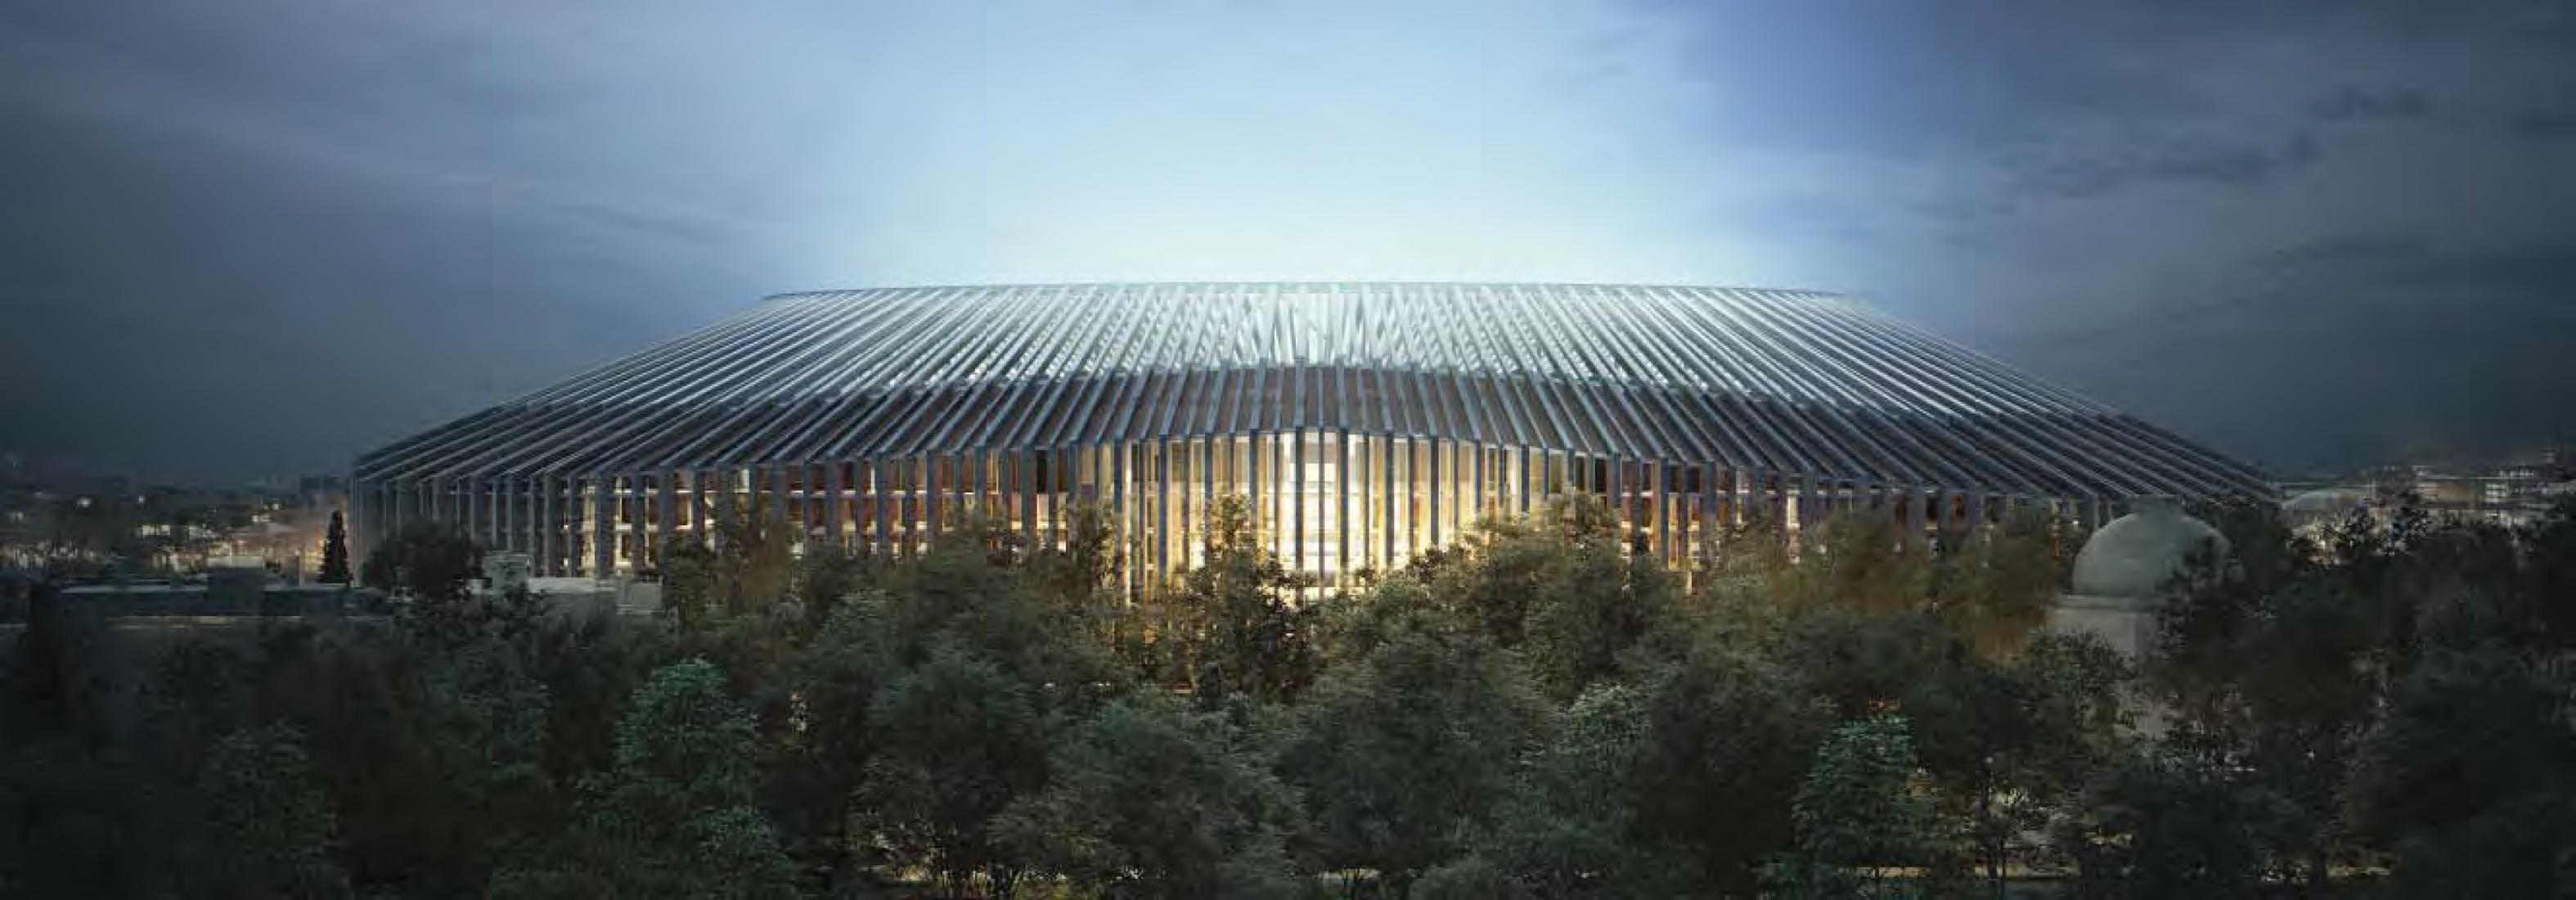 Elevation.  New Chelsea FC Stadium by Herzog & de Meuron. Image © Herzog & de Meuron.